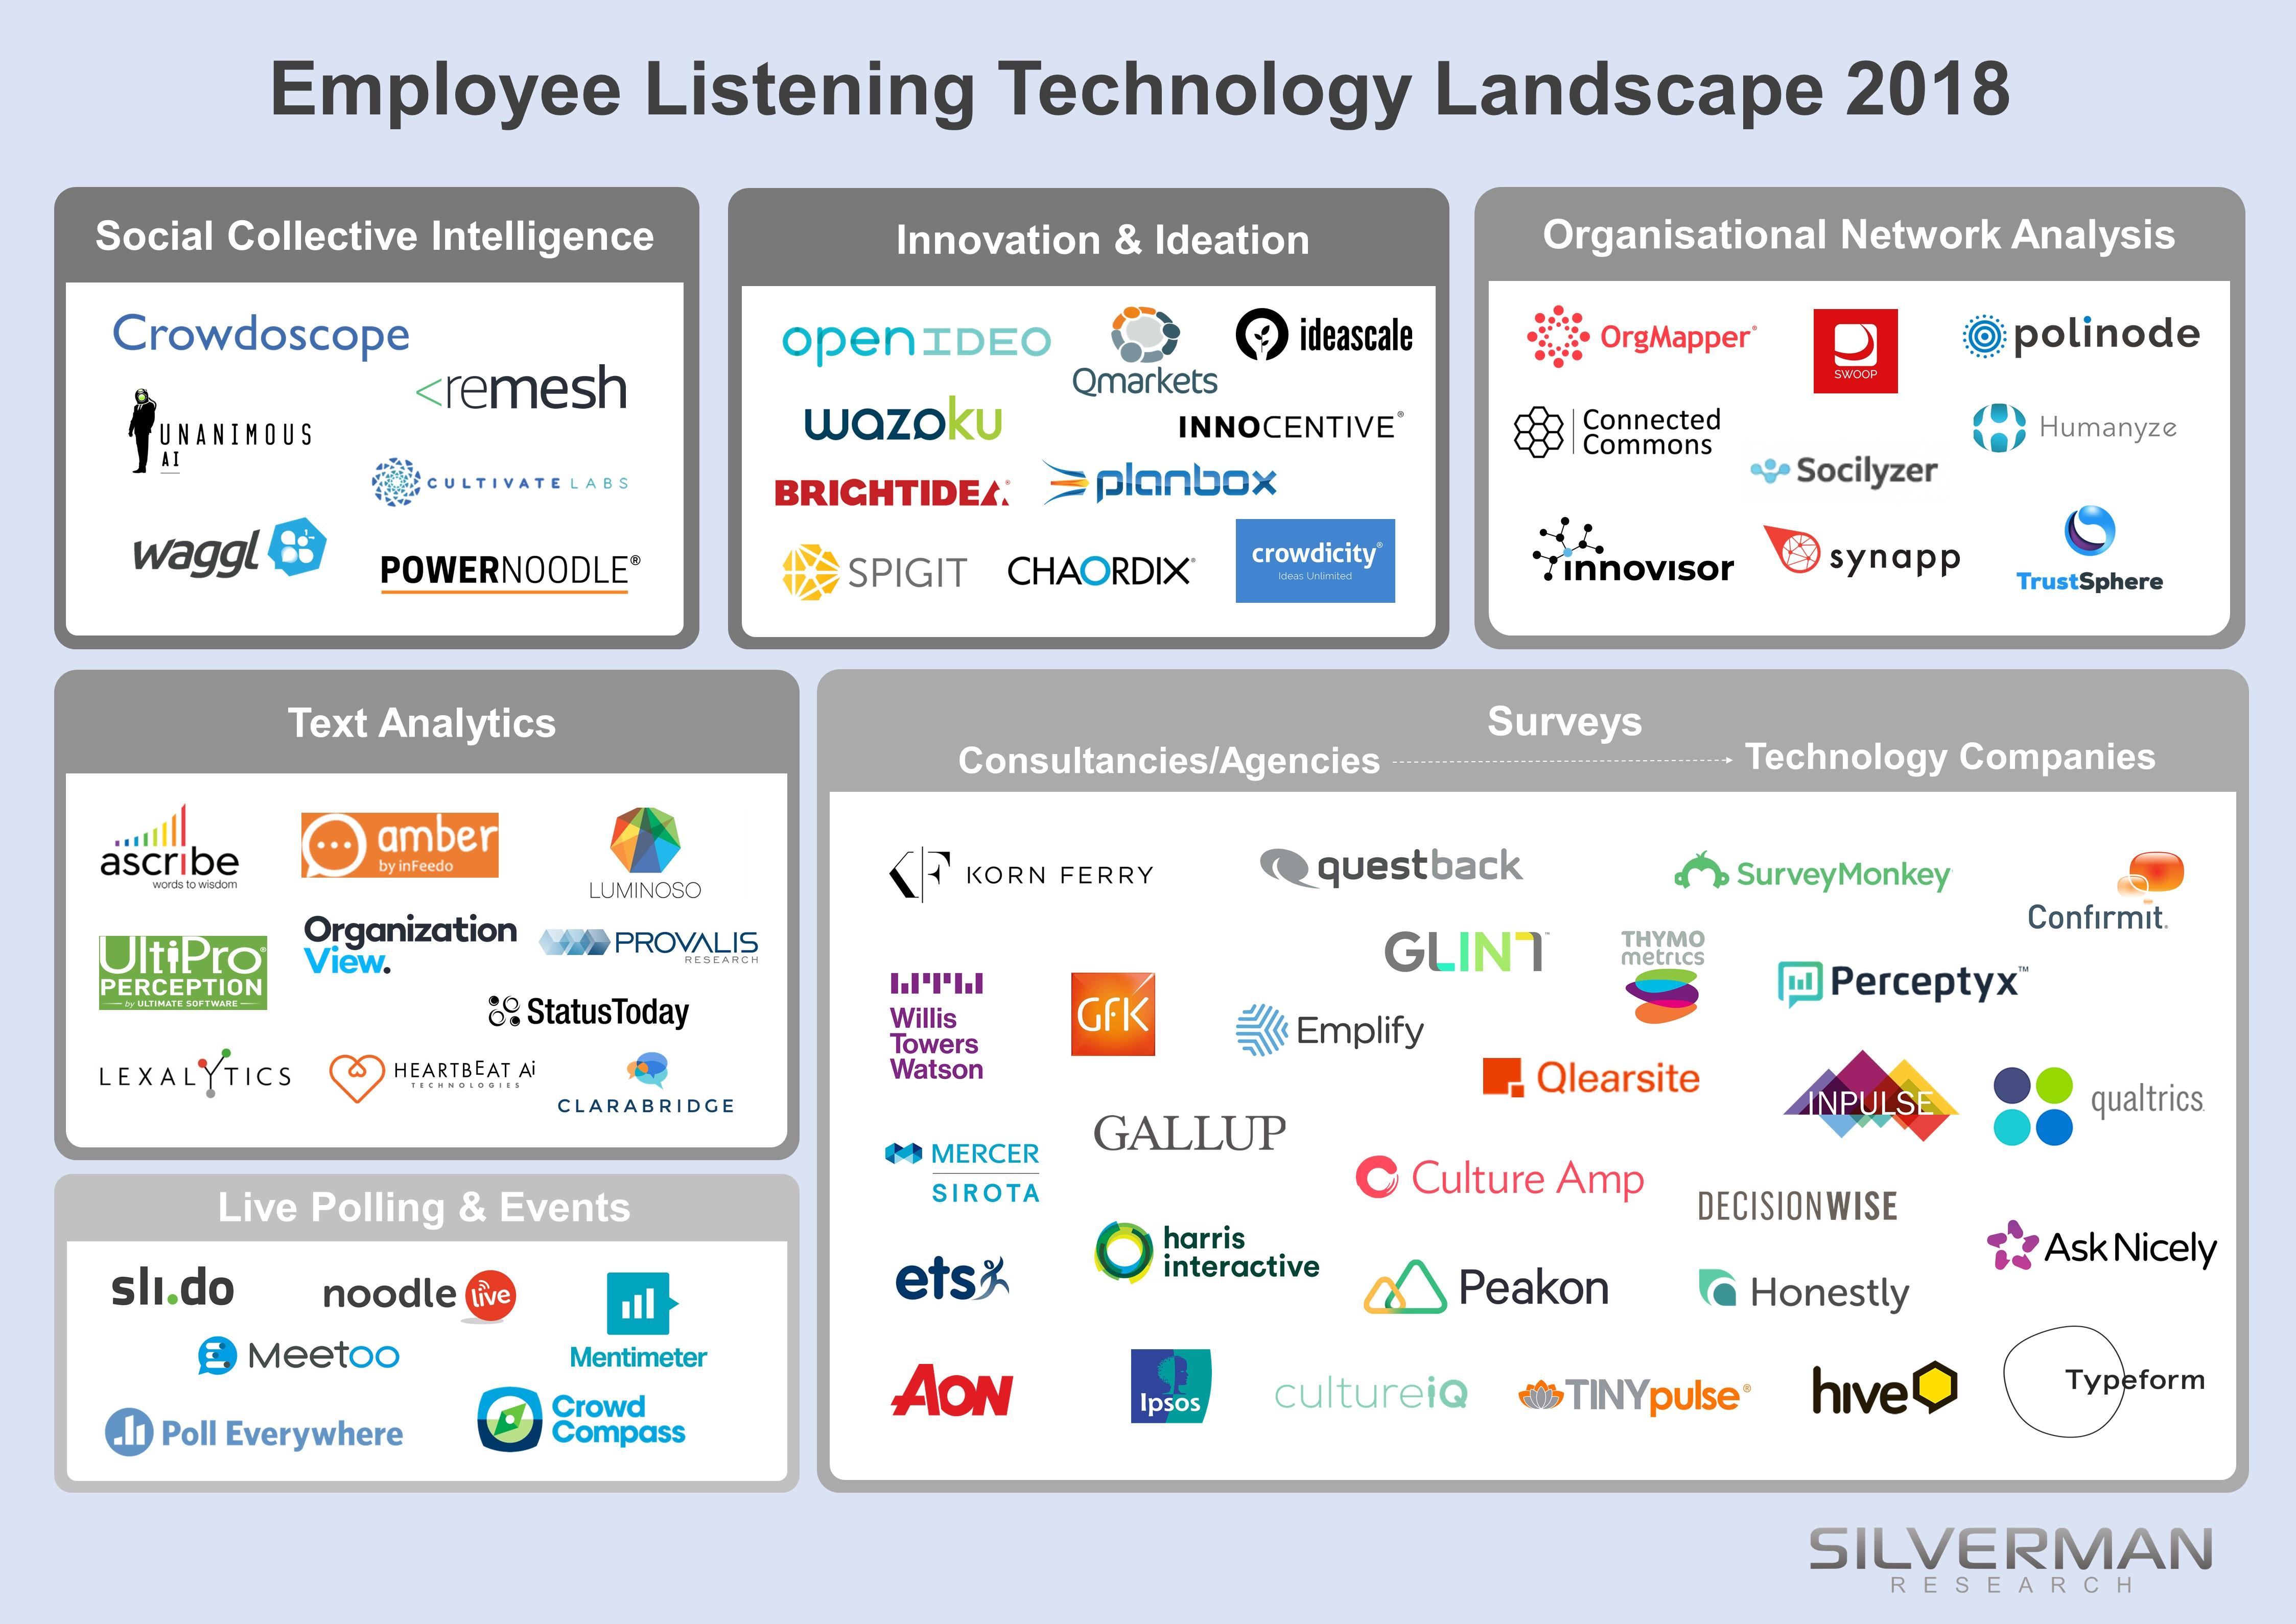 Employee Listening Technology Landscape 2018 - Silverman Research